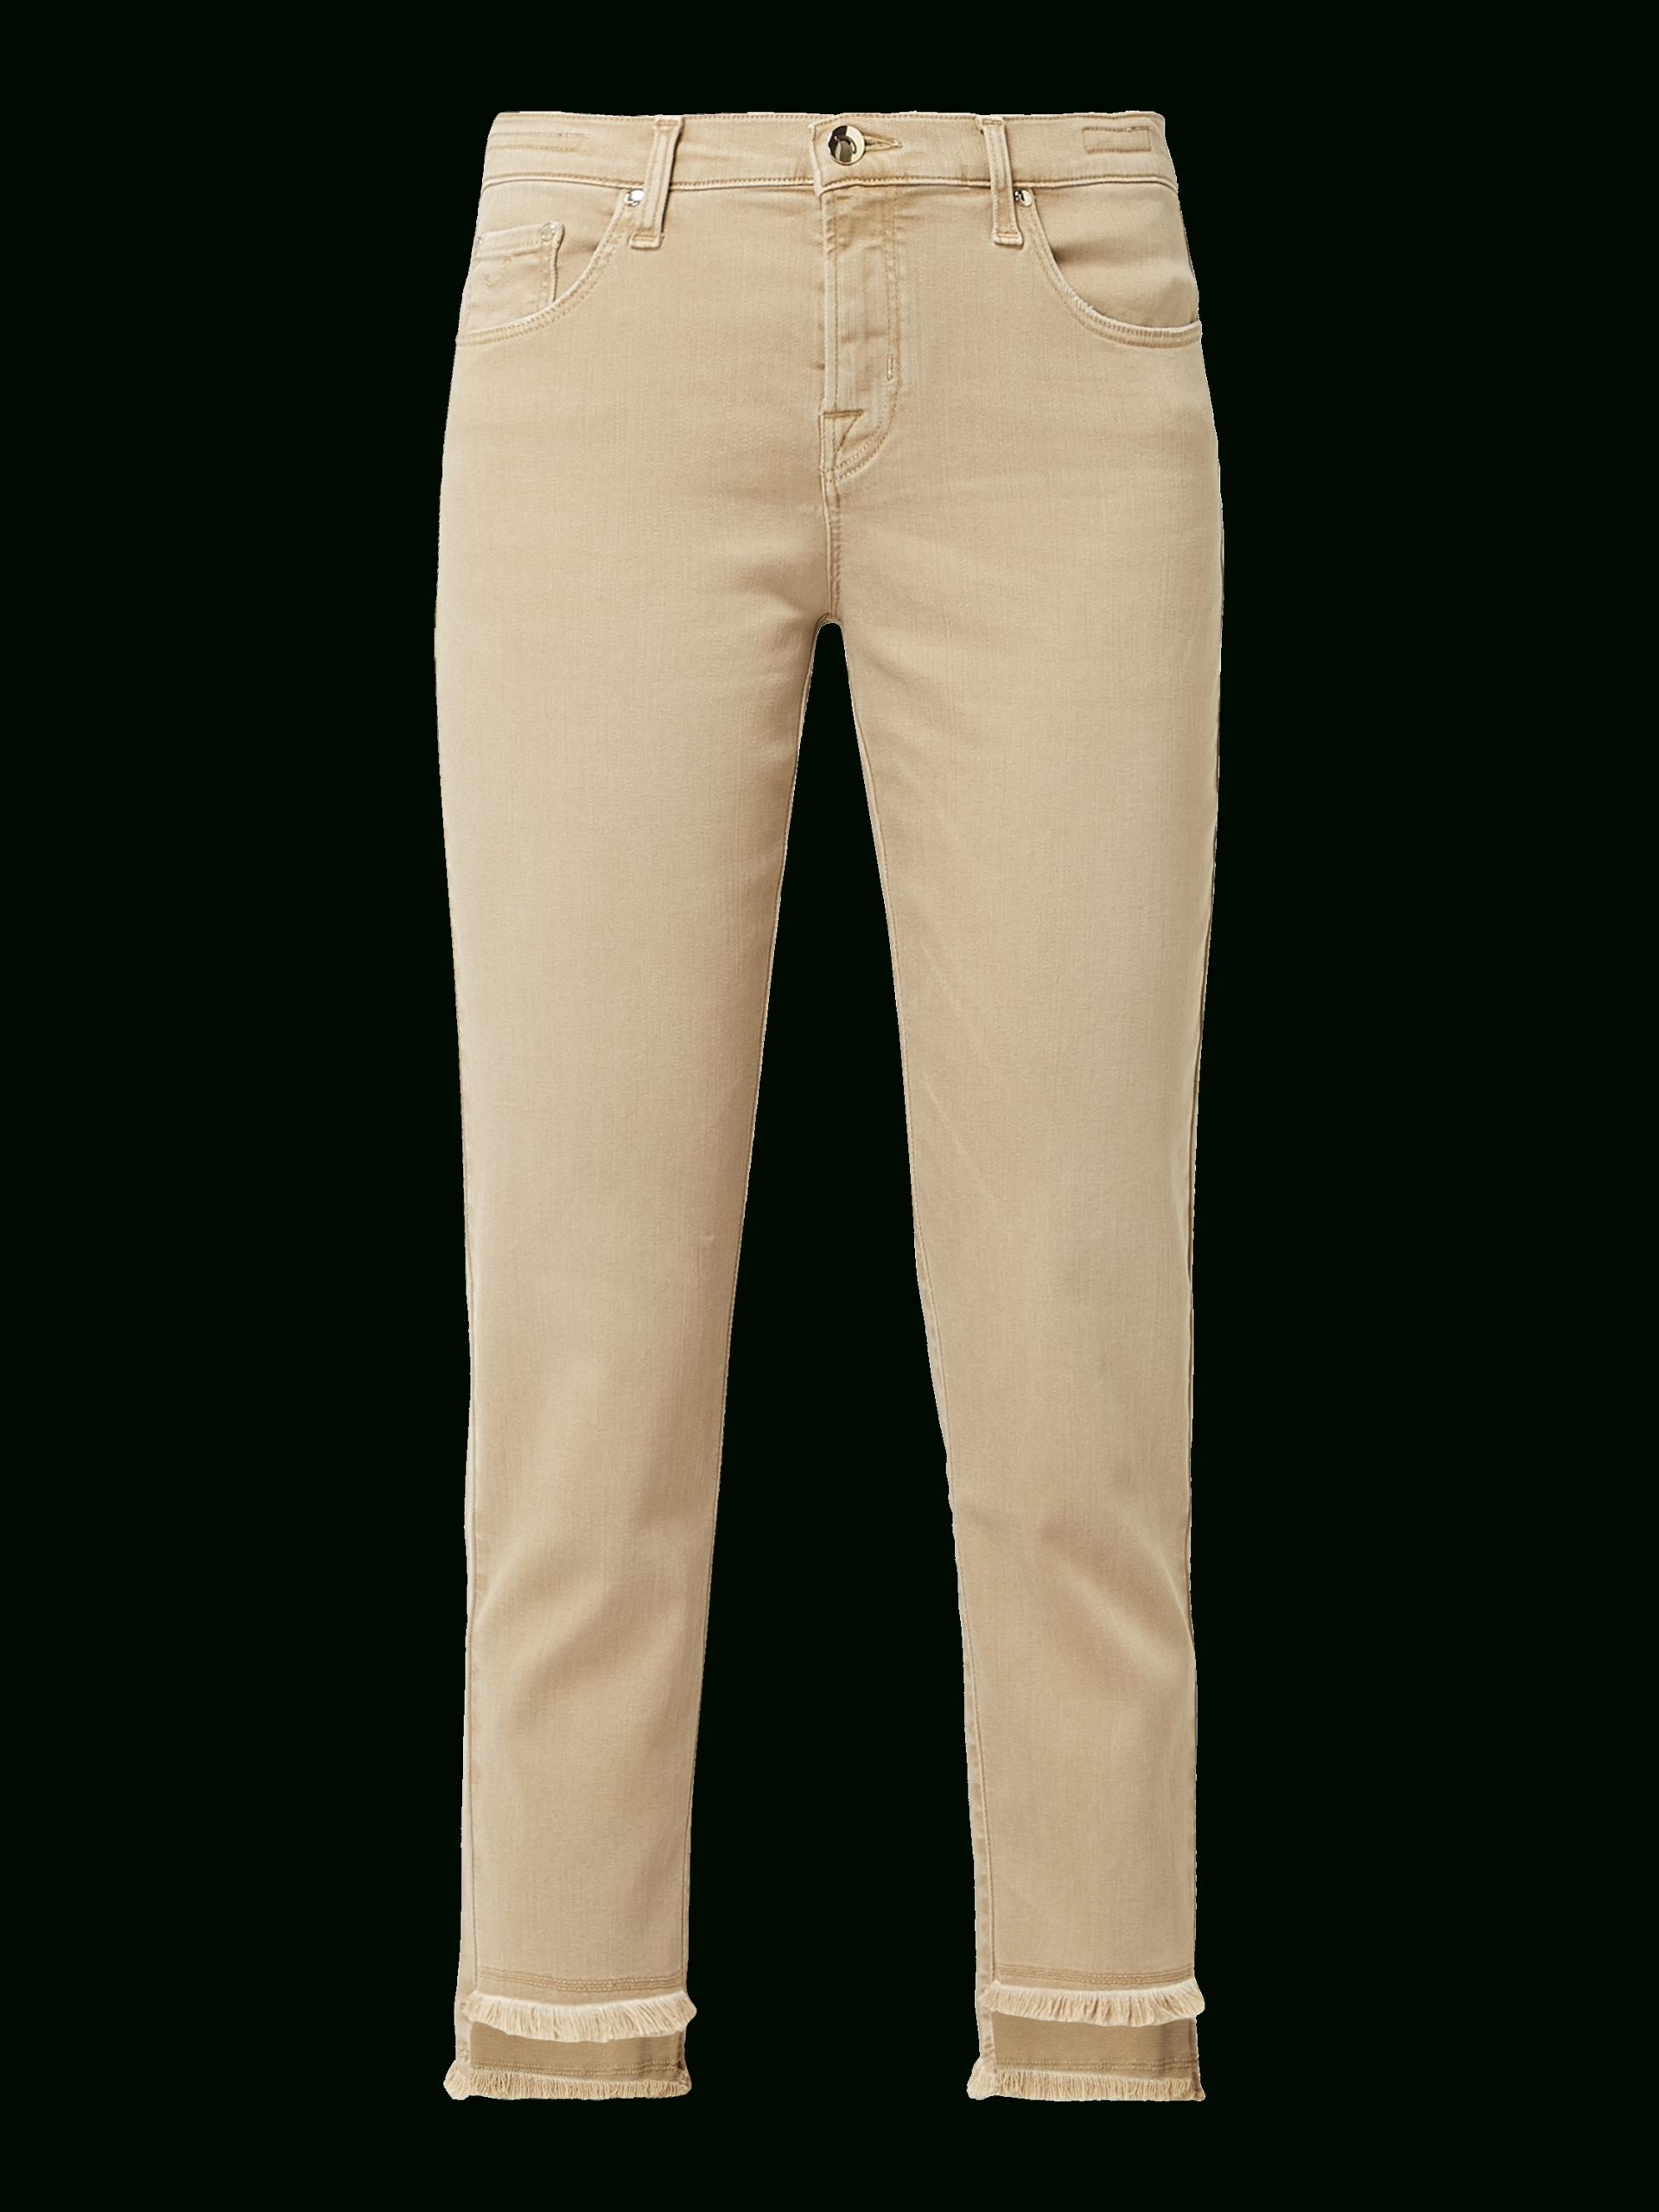 Ausgezeichnet Konfirmationskleider Beige Vertrieb10 Elegant Konfirmationskleider Beige Vertrieb